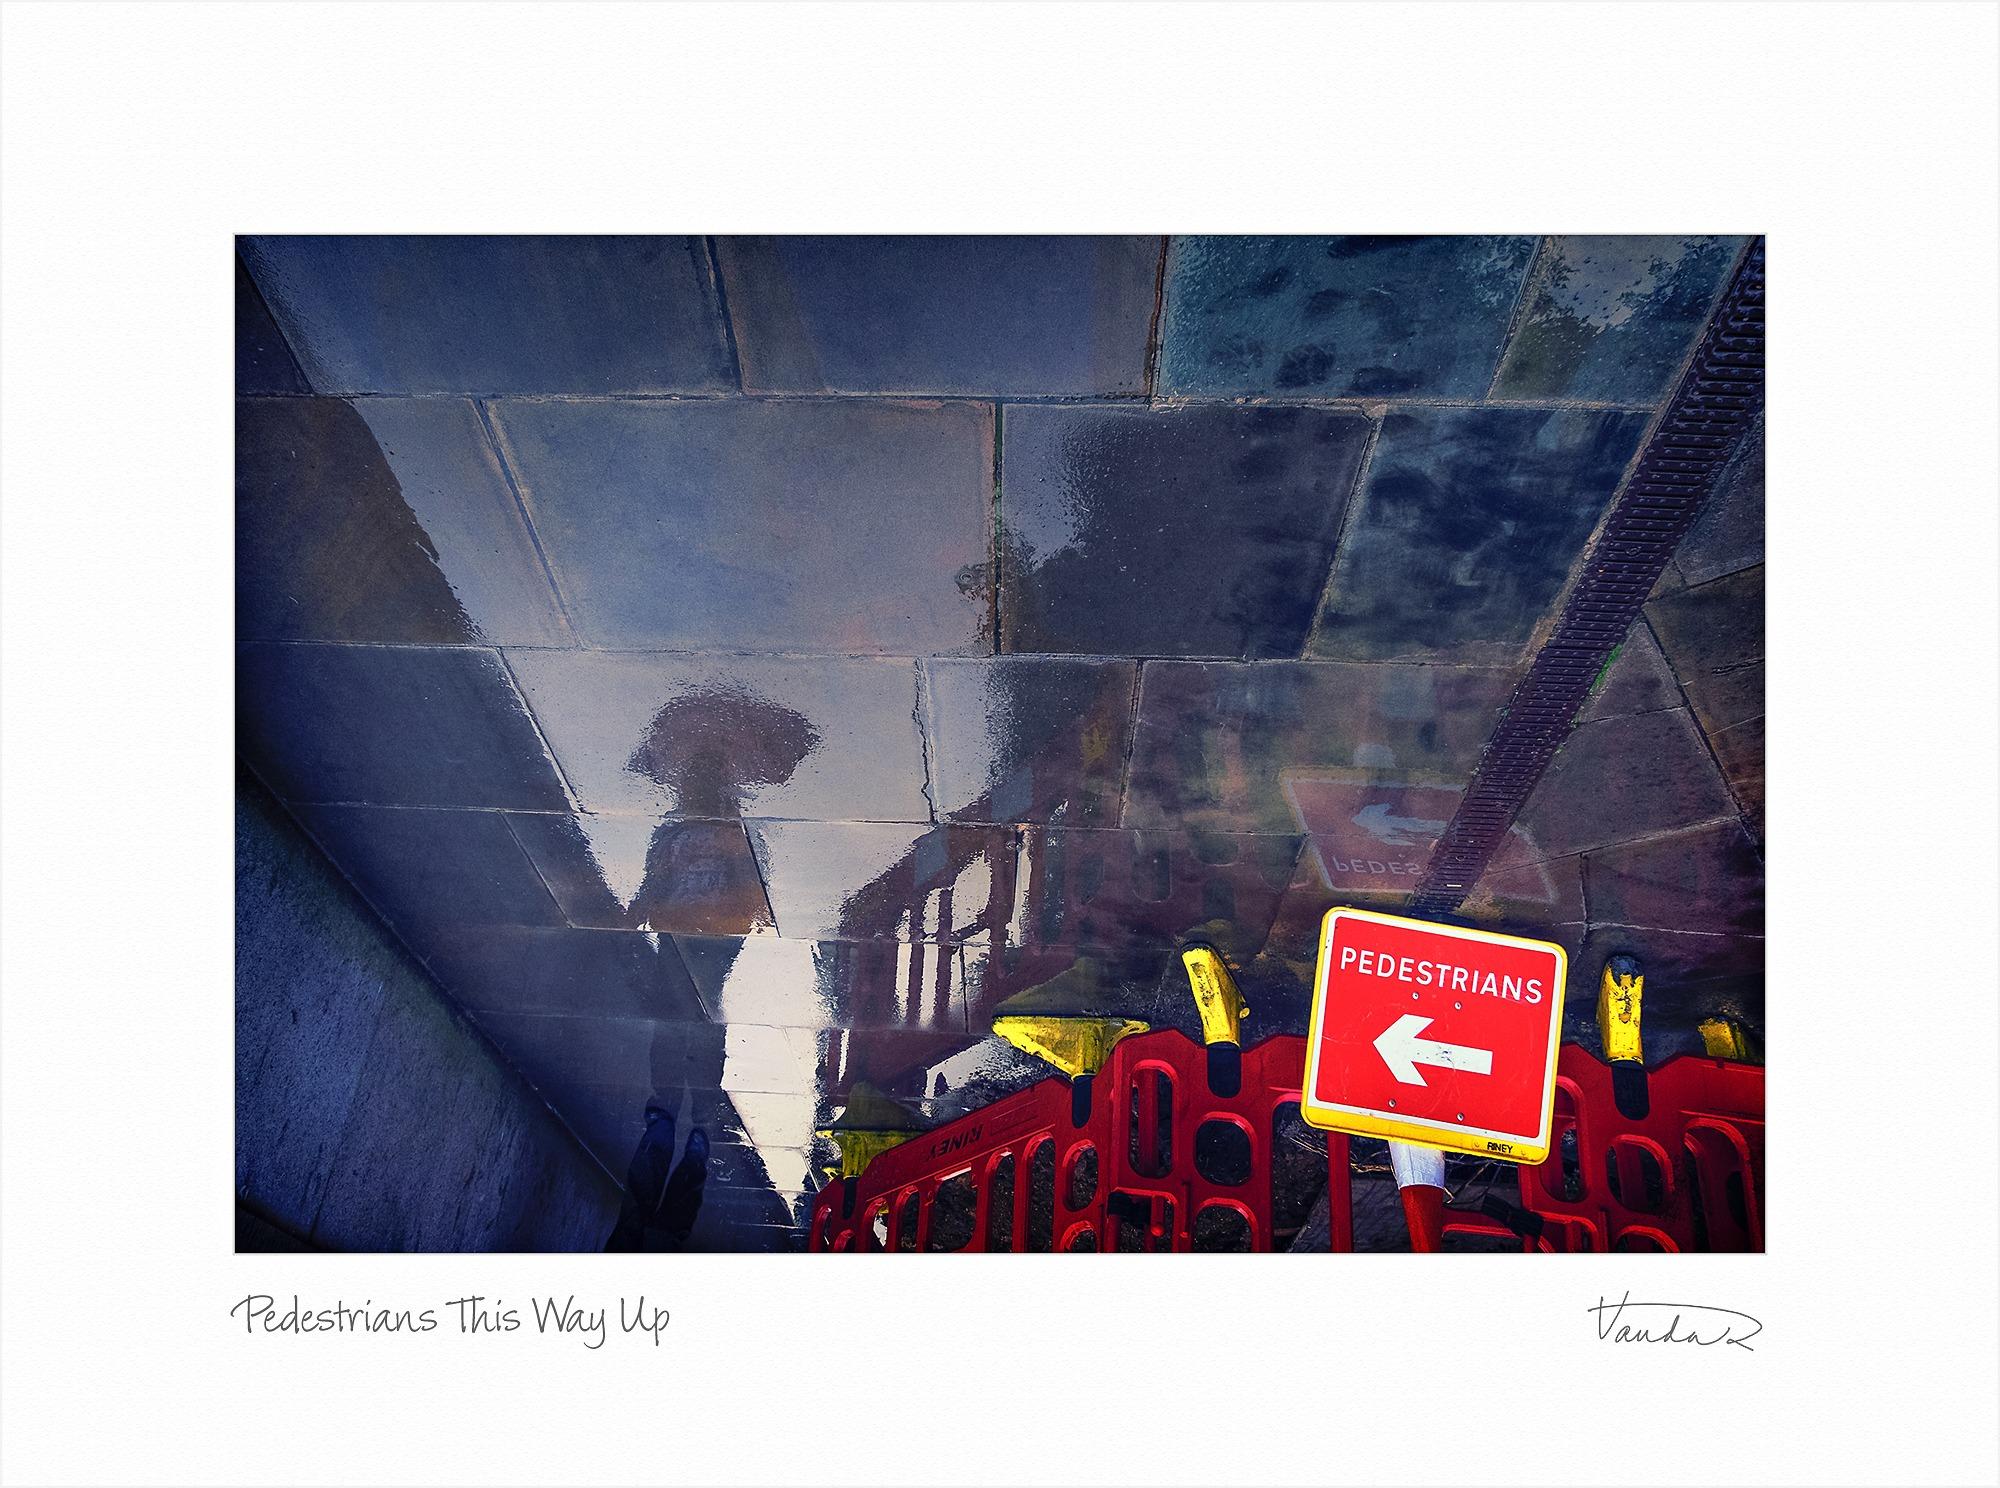 Pedestrians This Way Up